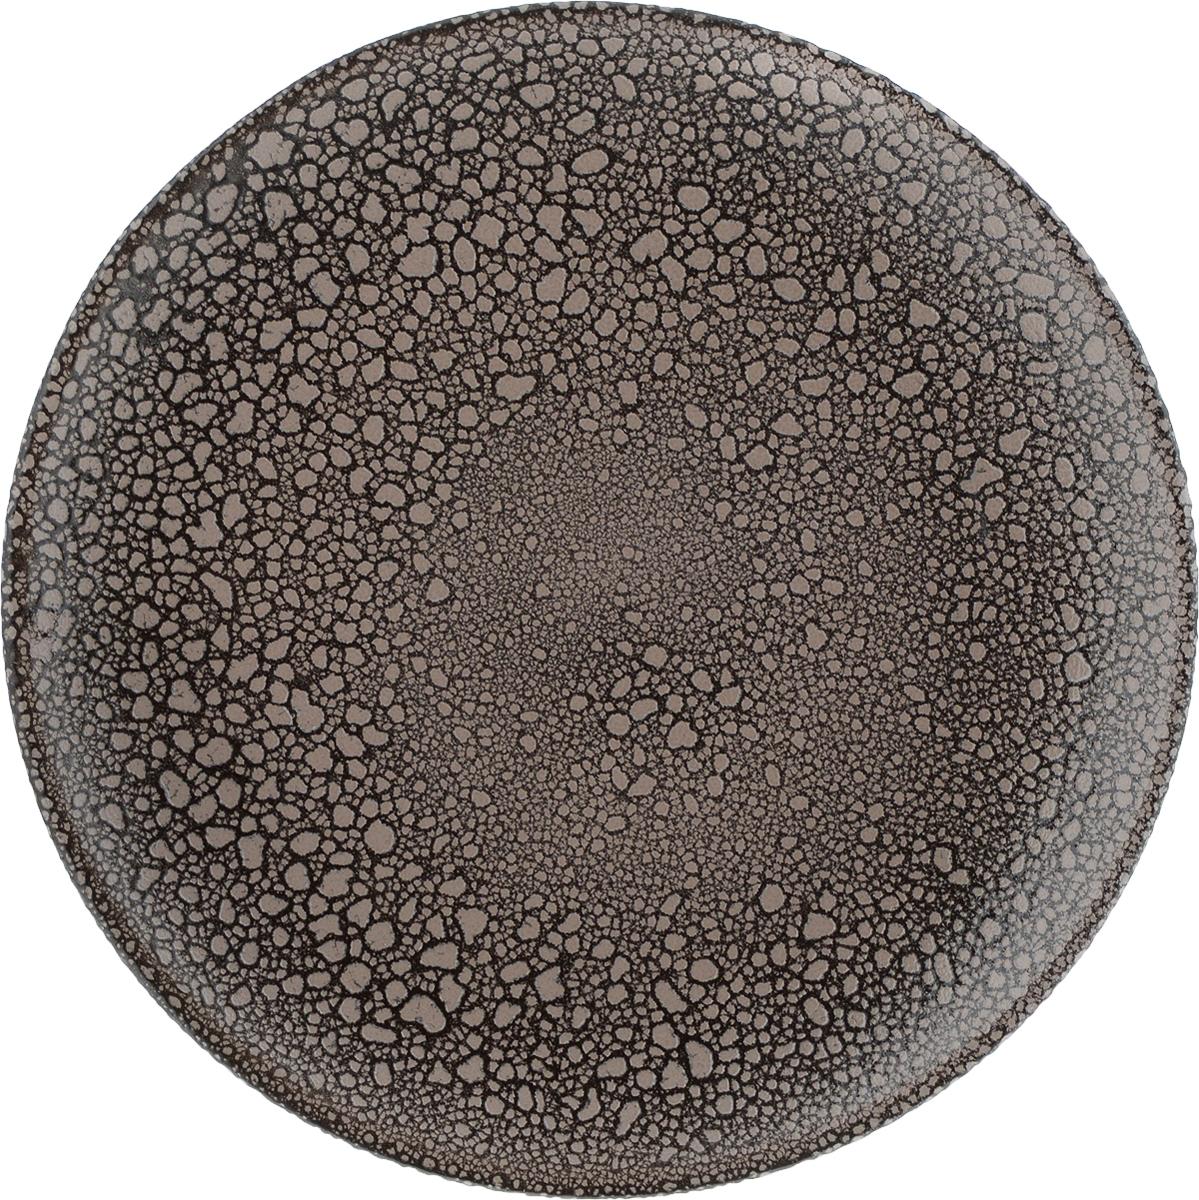 """Тарелка """"Борисовская керамика"""", цвет: коричневый, серо-бежевый, диаметр 23 см. МРМ00000806"""